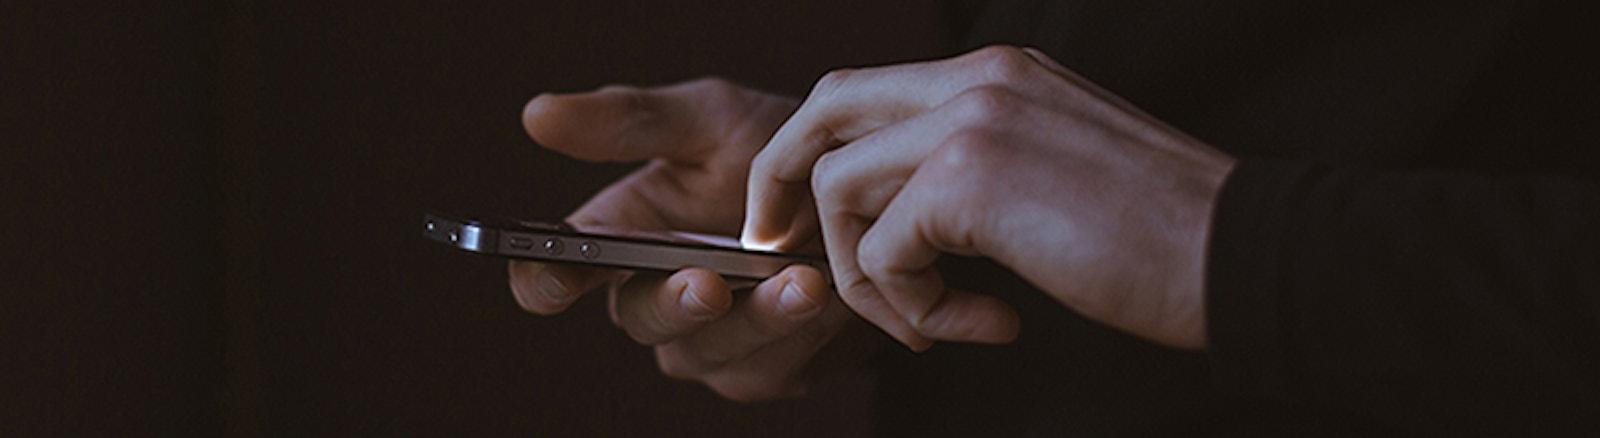 Social Media Day Blog 2